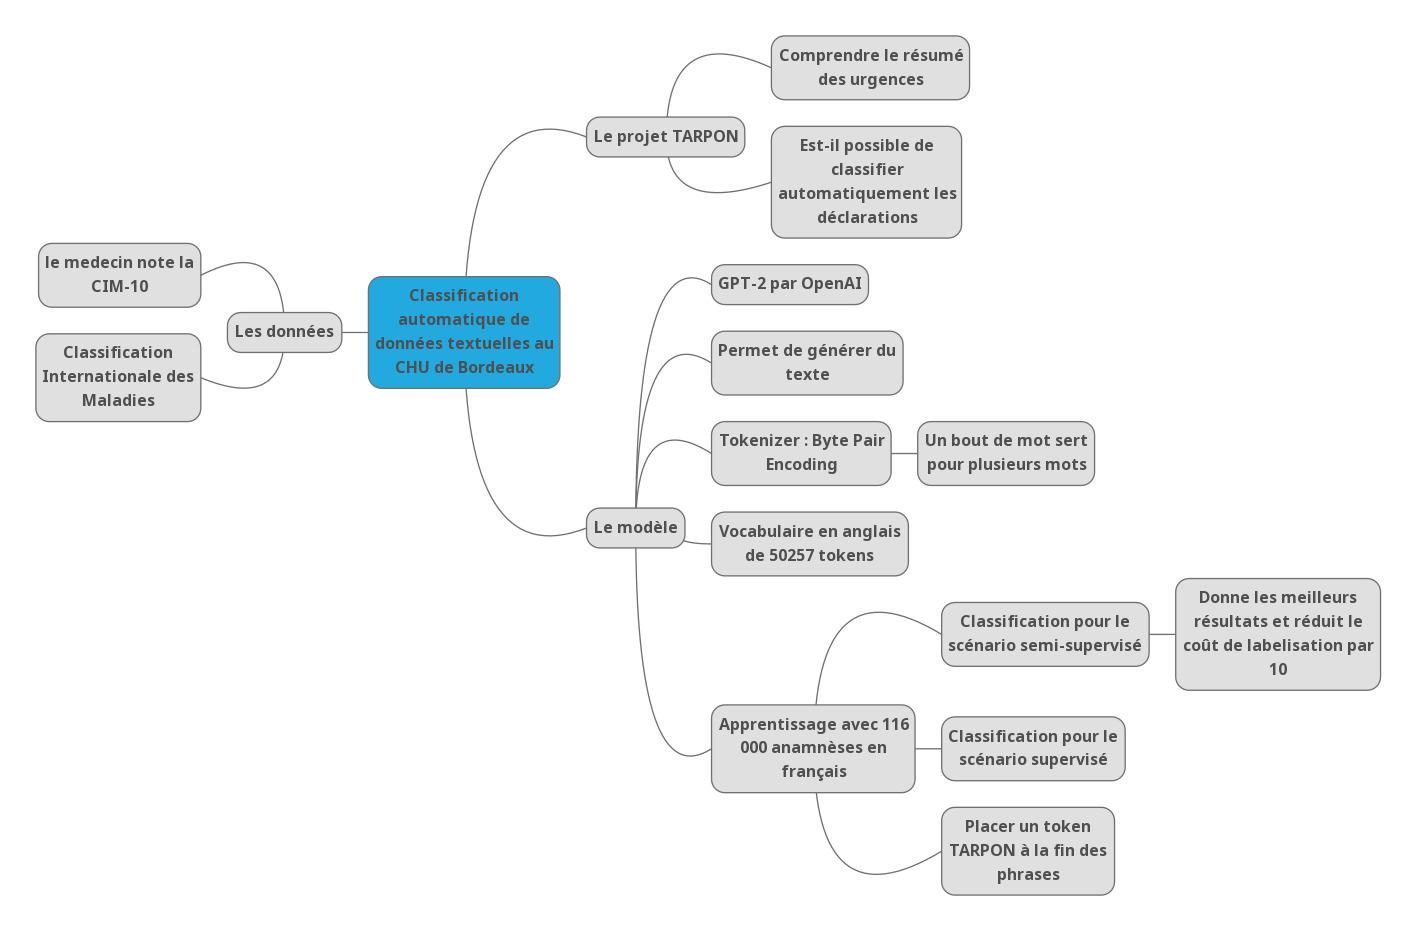 data santé pour classifier automatiquement les déclarations basé sur la nomenclature CIM-10